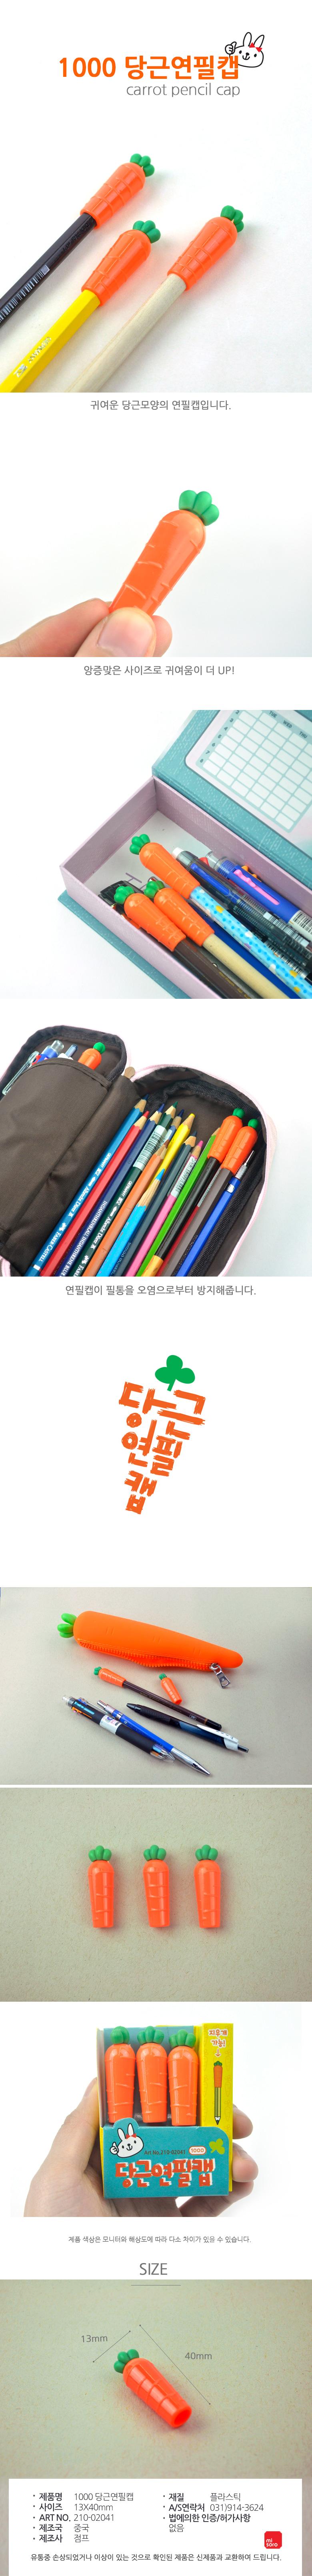 1000 당근연필캡 2041 - 미소로, 1,000원, 필기구 소품, 연필캡